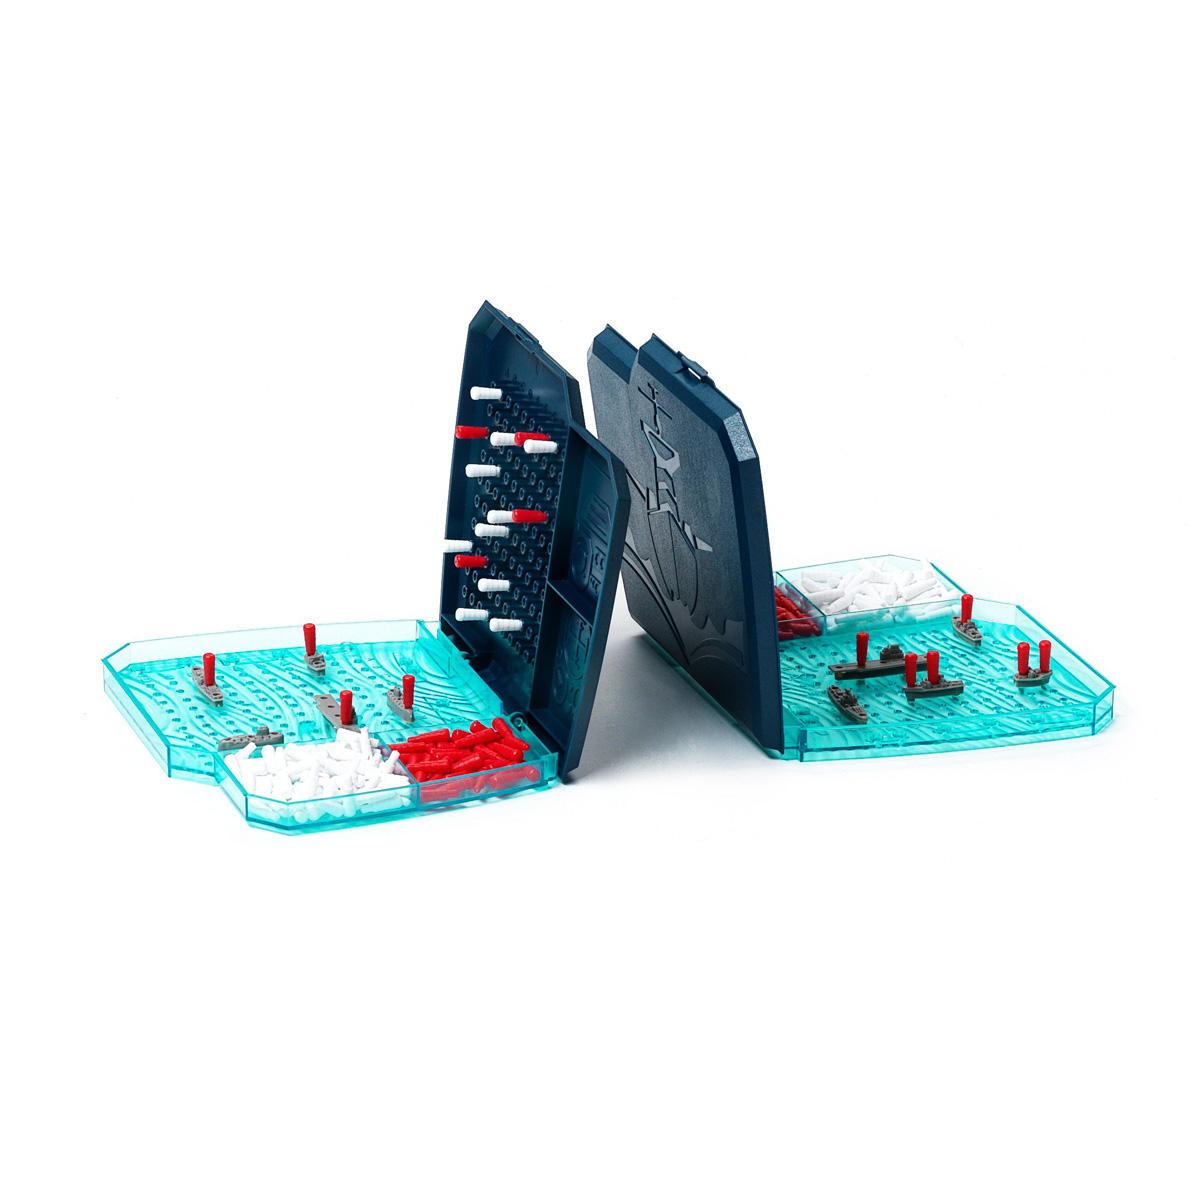 Настольная игра Морской бойВВ0970Традиционная настольная игра в новом формате. Морской бой – игра, в которую все мы любим играть с детства. Расставив на поле боя корабли разного размера, стреляйте по полю врага, стараясь угадать координаты, по которым находится корабль противника. Вам больше не понадобятся ручка и бумага! Теперь у каждого игрока свое удобное пластмассовое поле и по 5 красивых объемных кораблей, а вместо крестиков – можно расставлять белые и красные пластмассовые метки! Только результат боя по-прежнему зависит от вас: кто точнее нанесет все ракетные удары, кто первый уничтожит все корабли противника - тот и победитель! В набор входит: 2 игровых поля, 10 кораблей, 84 красные метки, 168 белых меток.